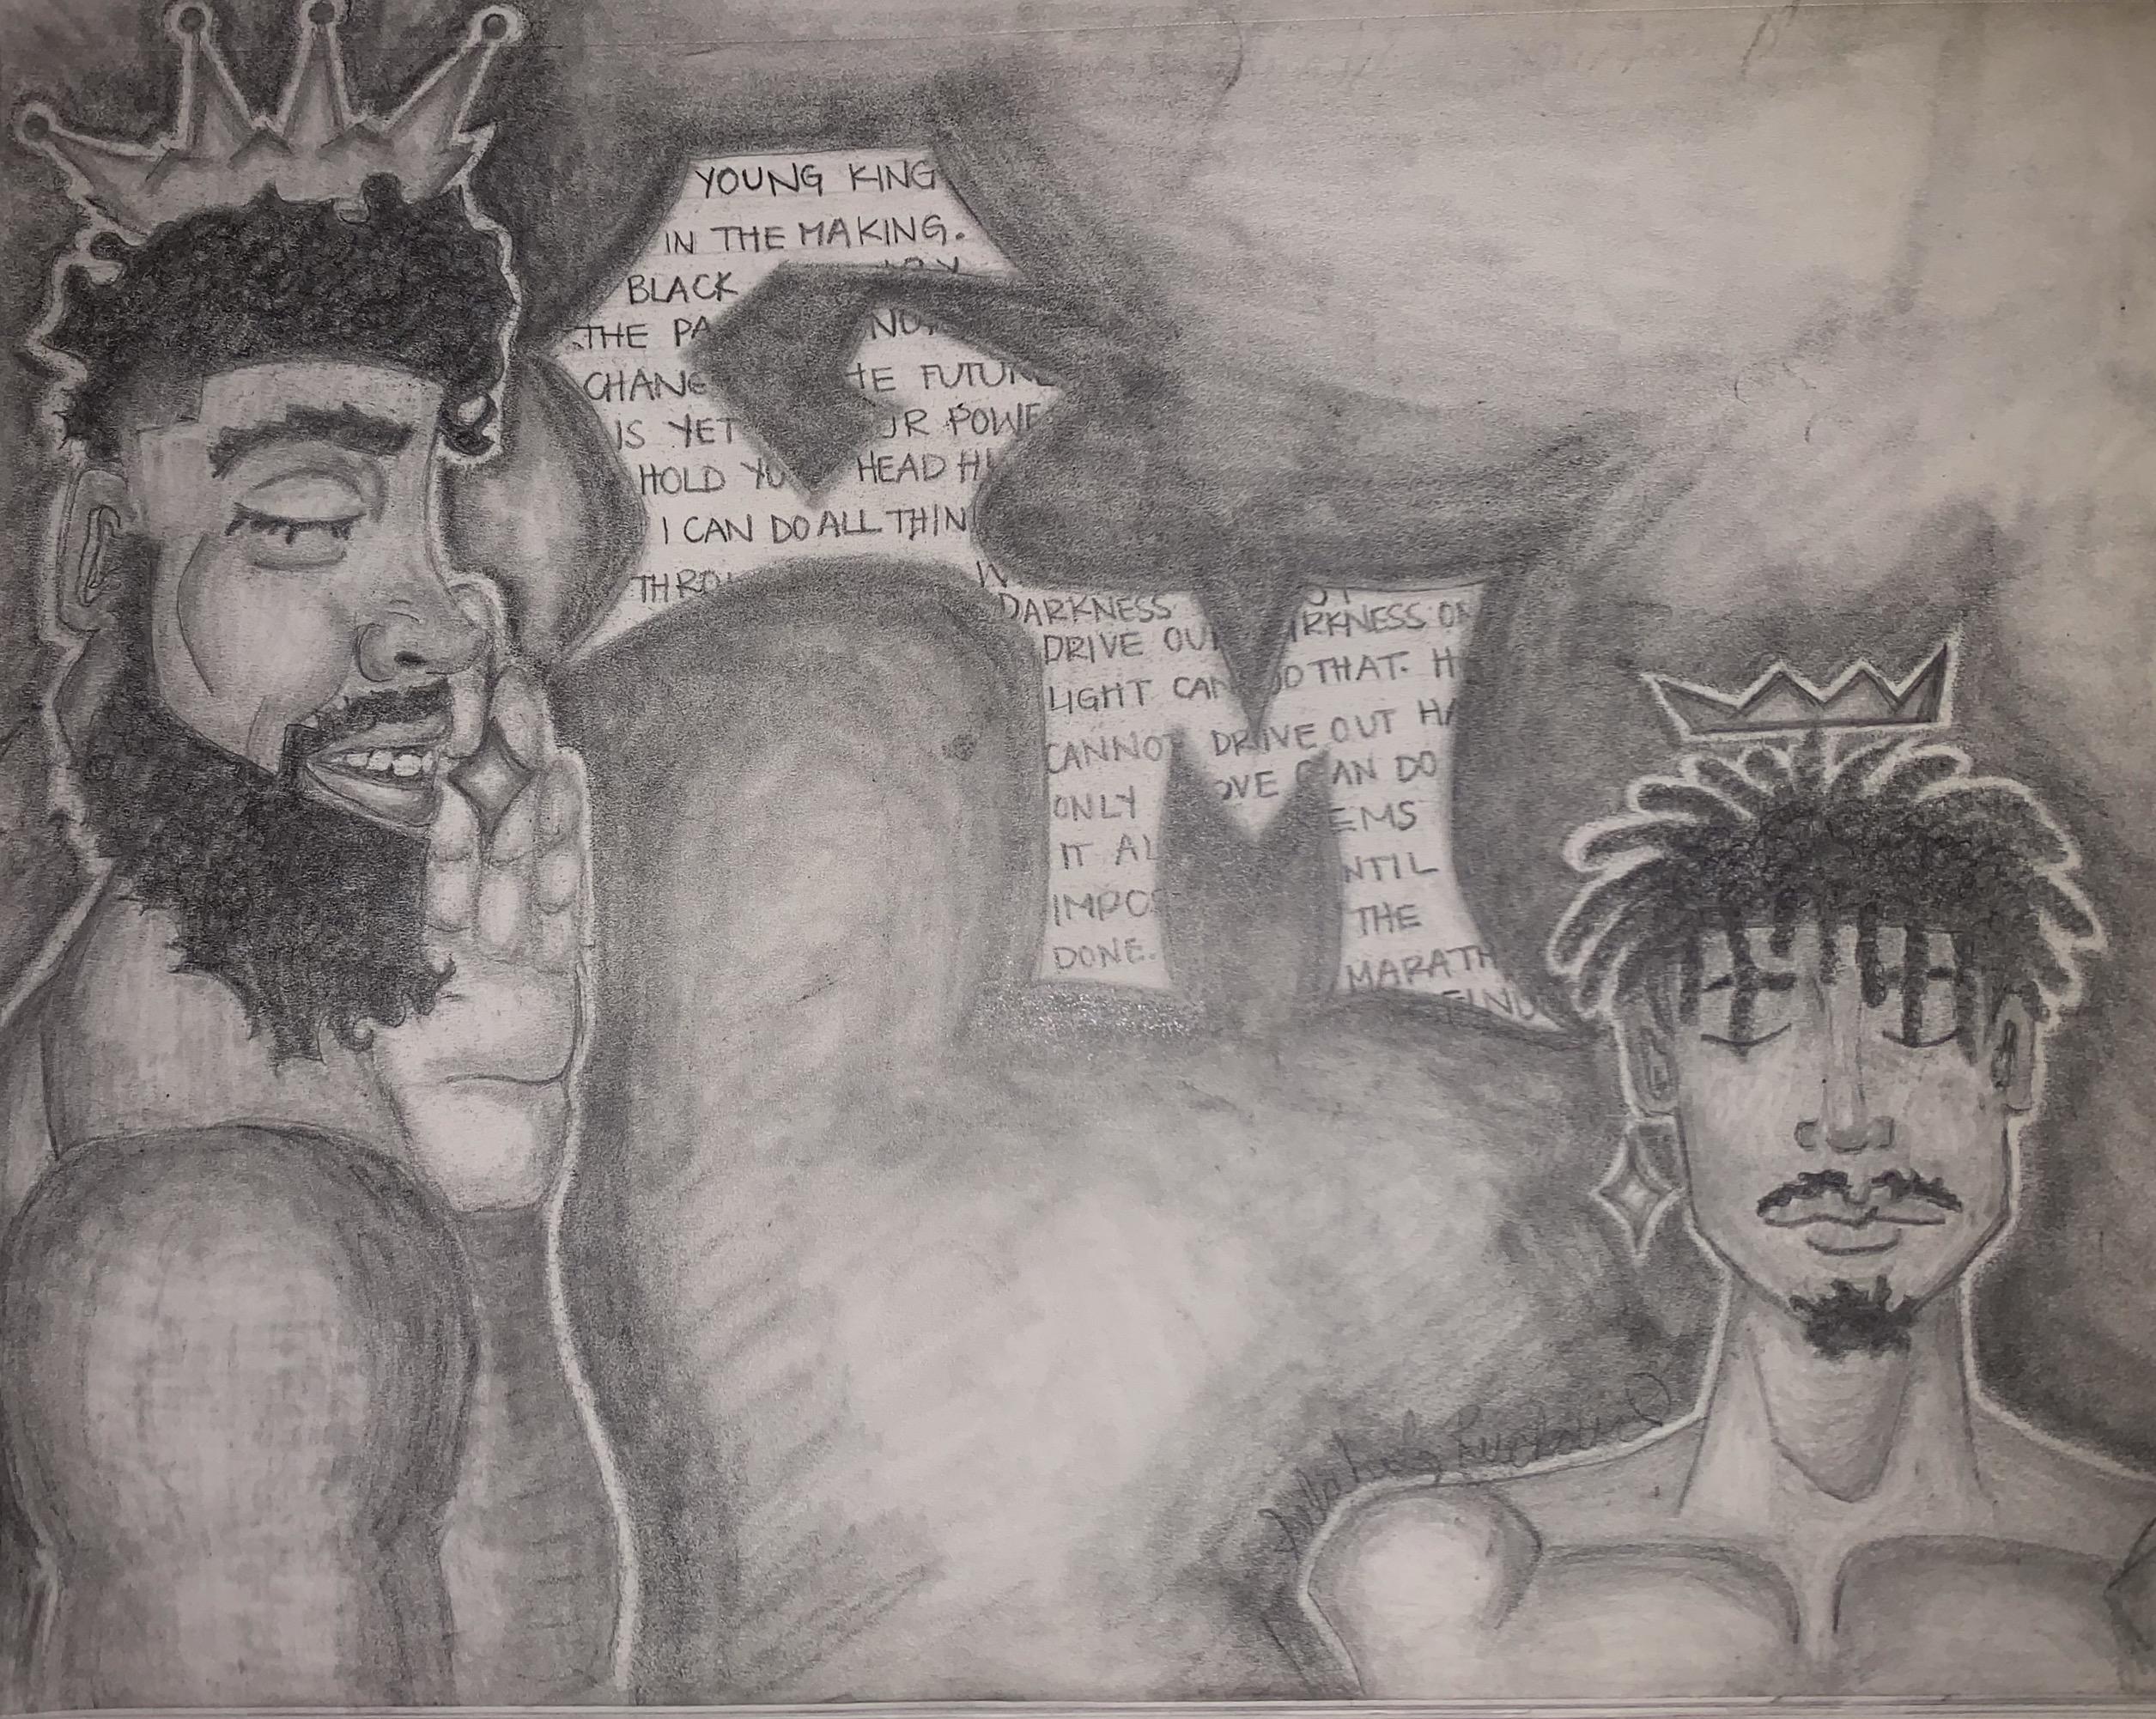 King Talk